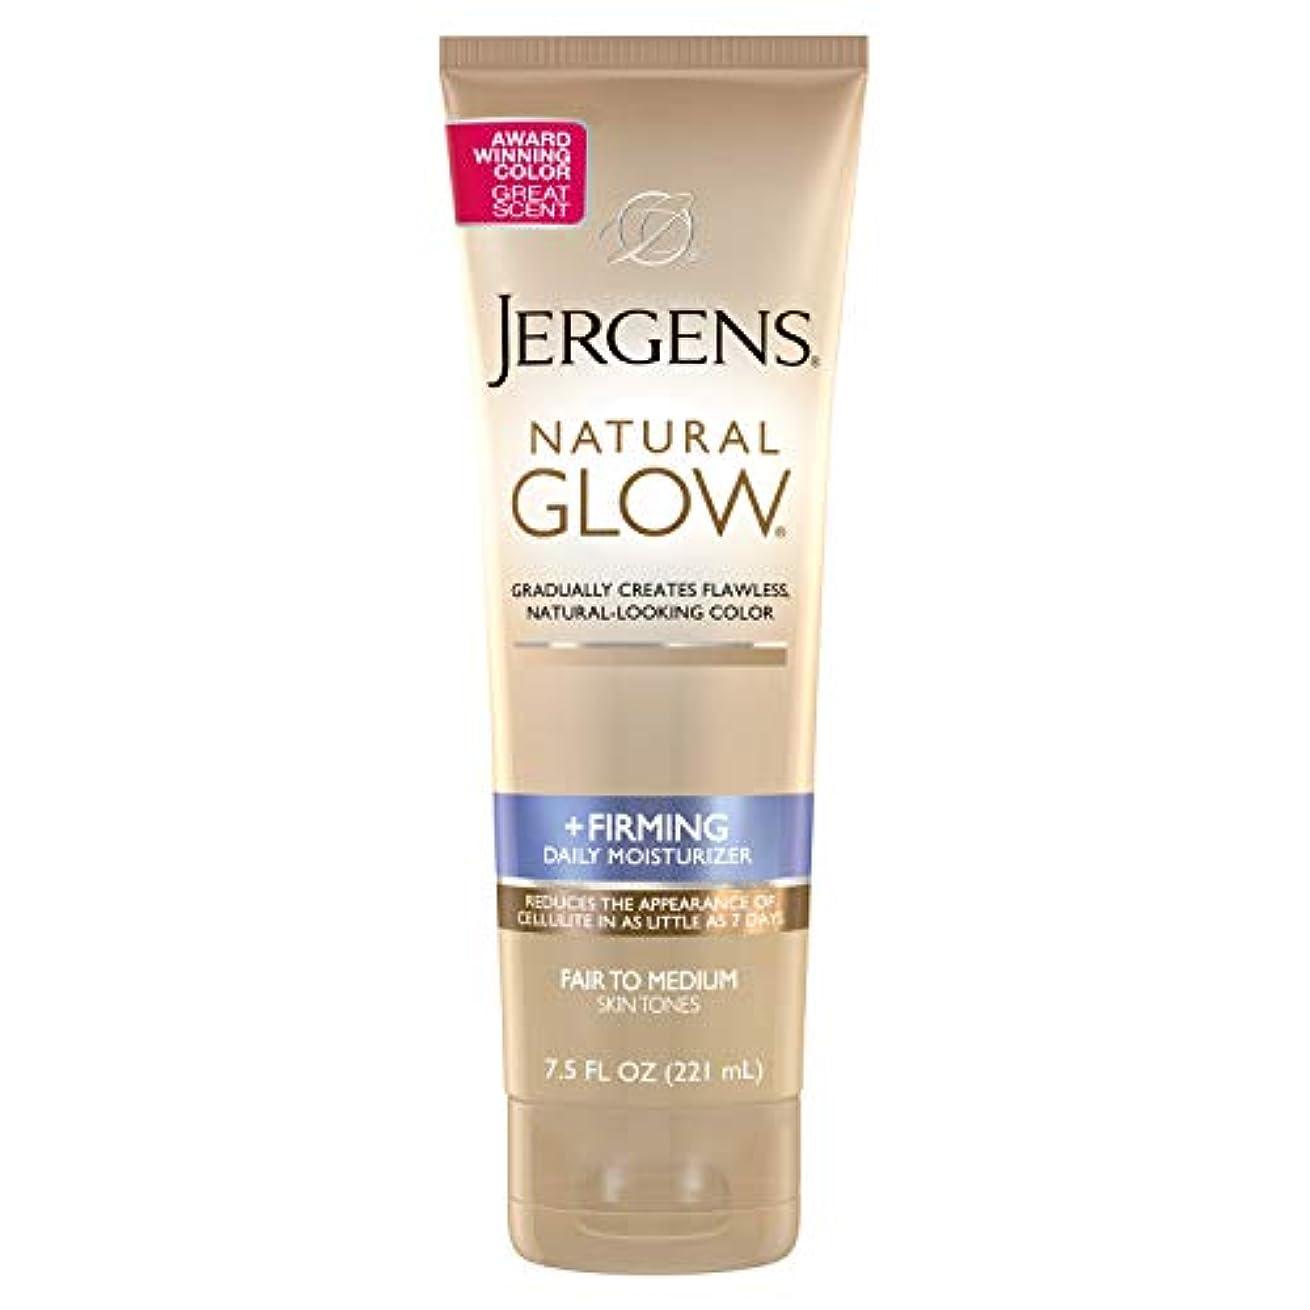 さびたキャンセル夜明けNatural Glow Firming Moisturizer for Fair to Mediu Jergens 7.5 oz Moisturizer For Unisex (並行輸入品) [並行輸入品]